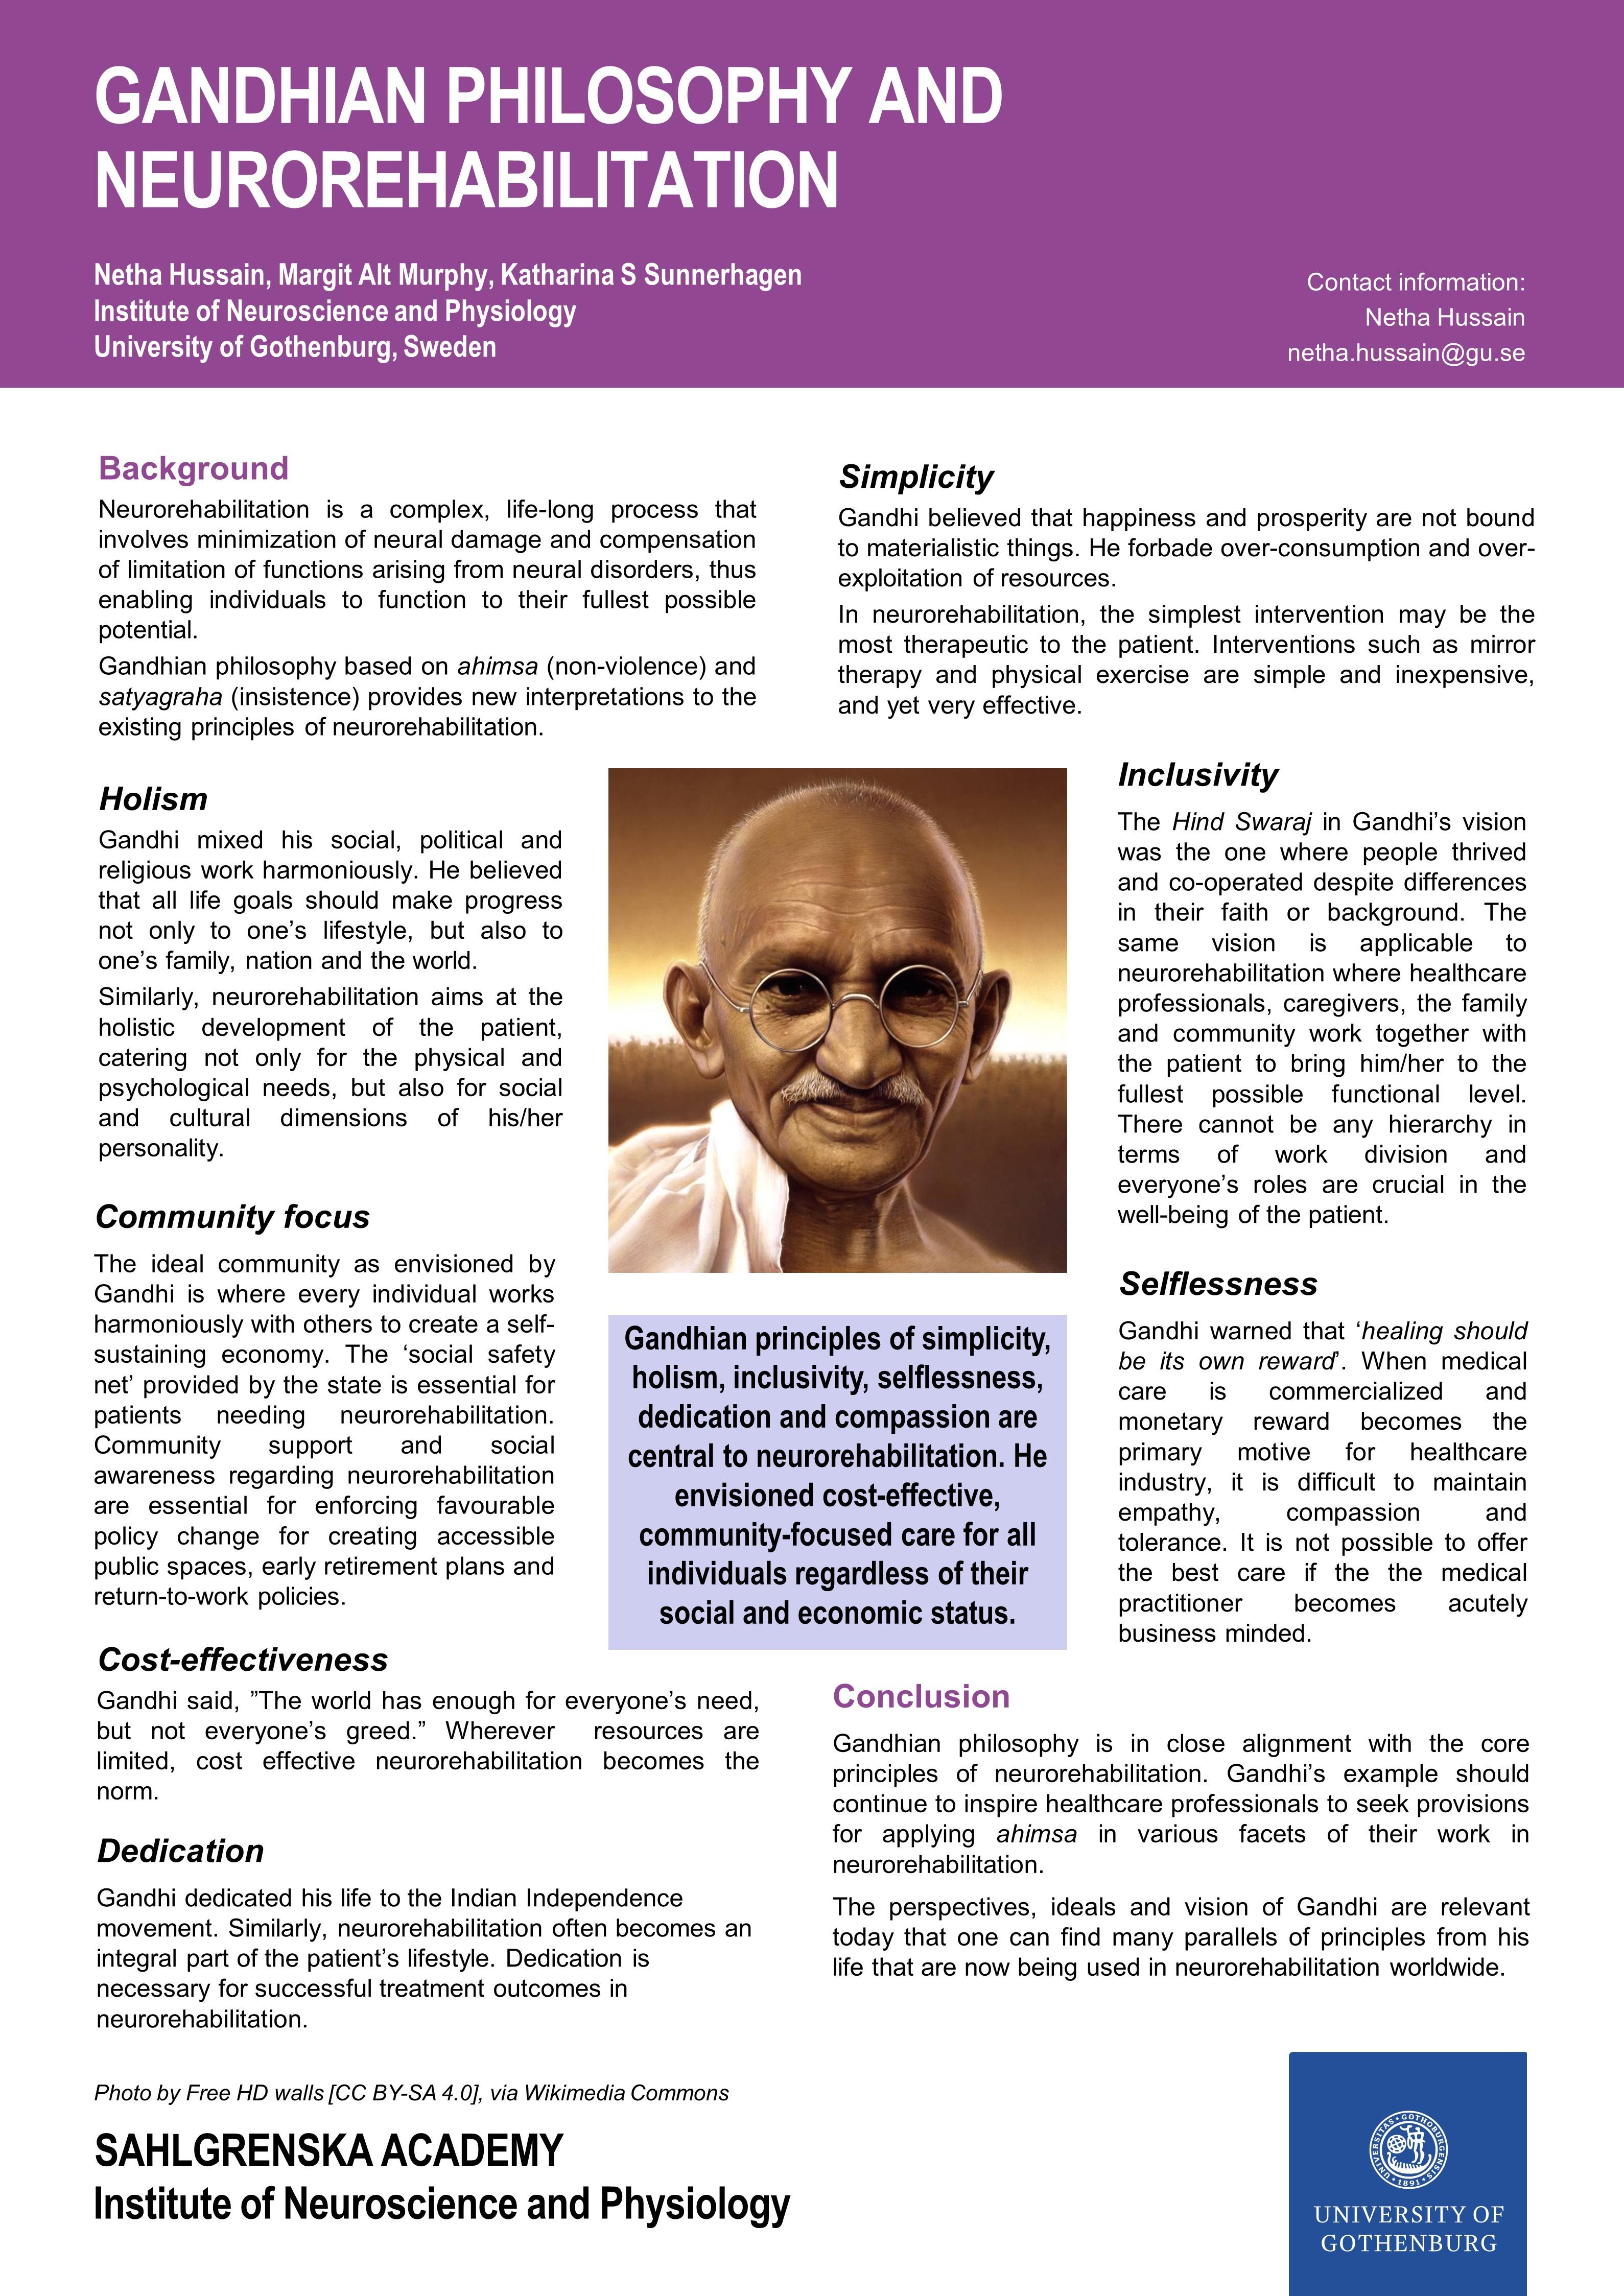 Gandhian Philosophy and Neurorehabilitation_Sahlgrenska